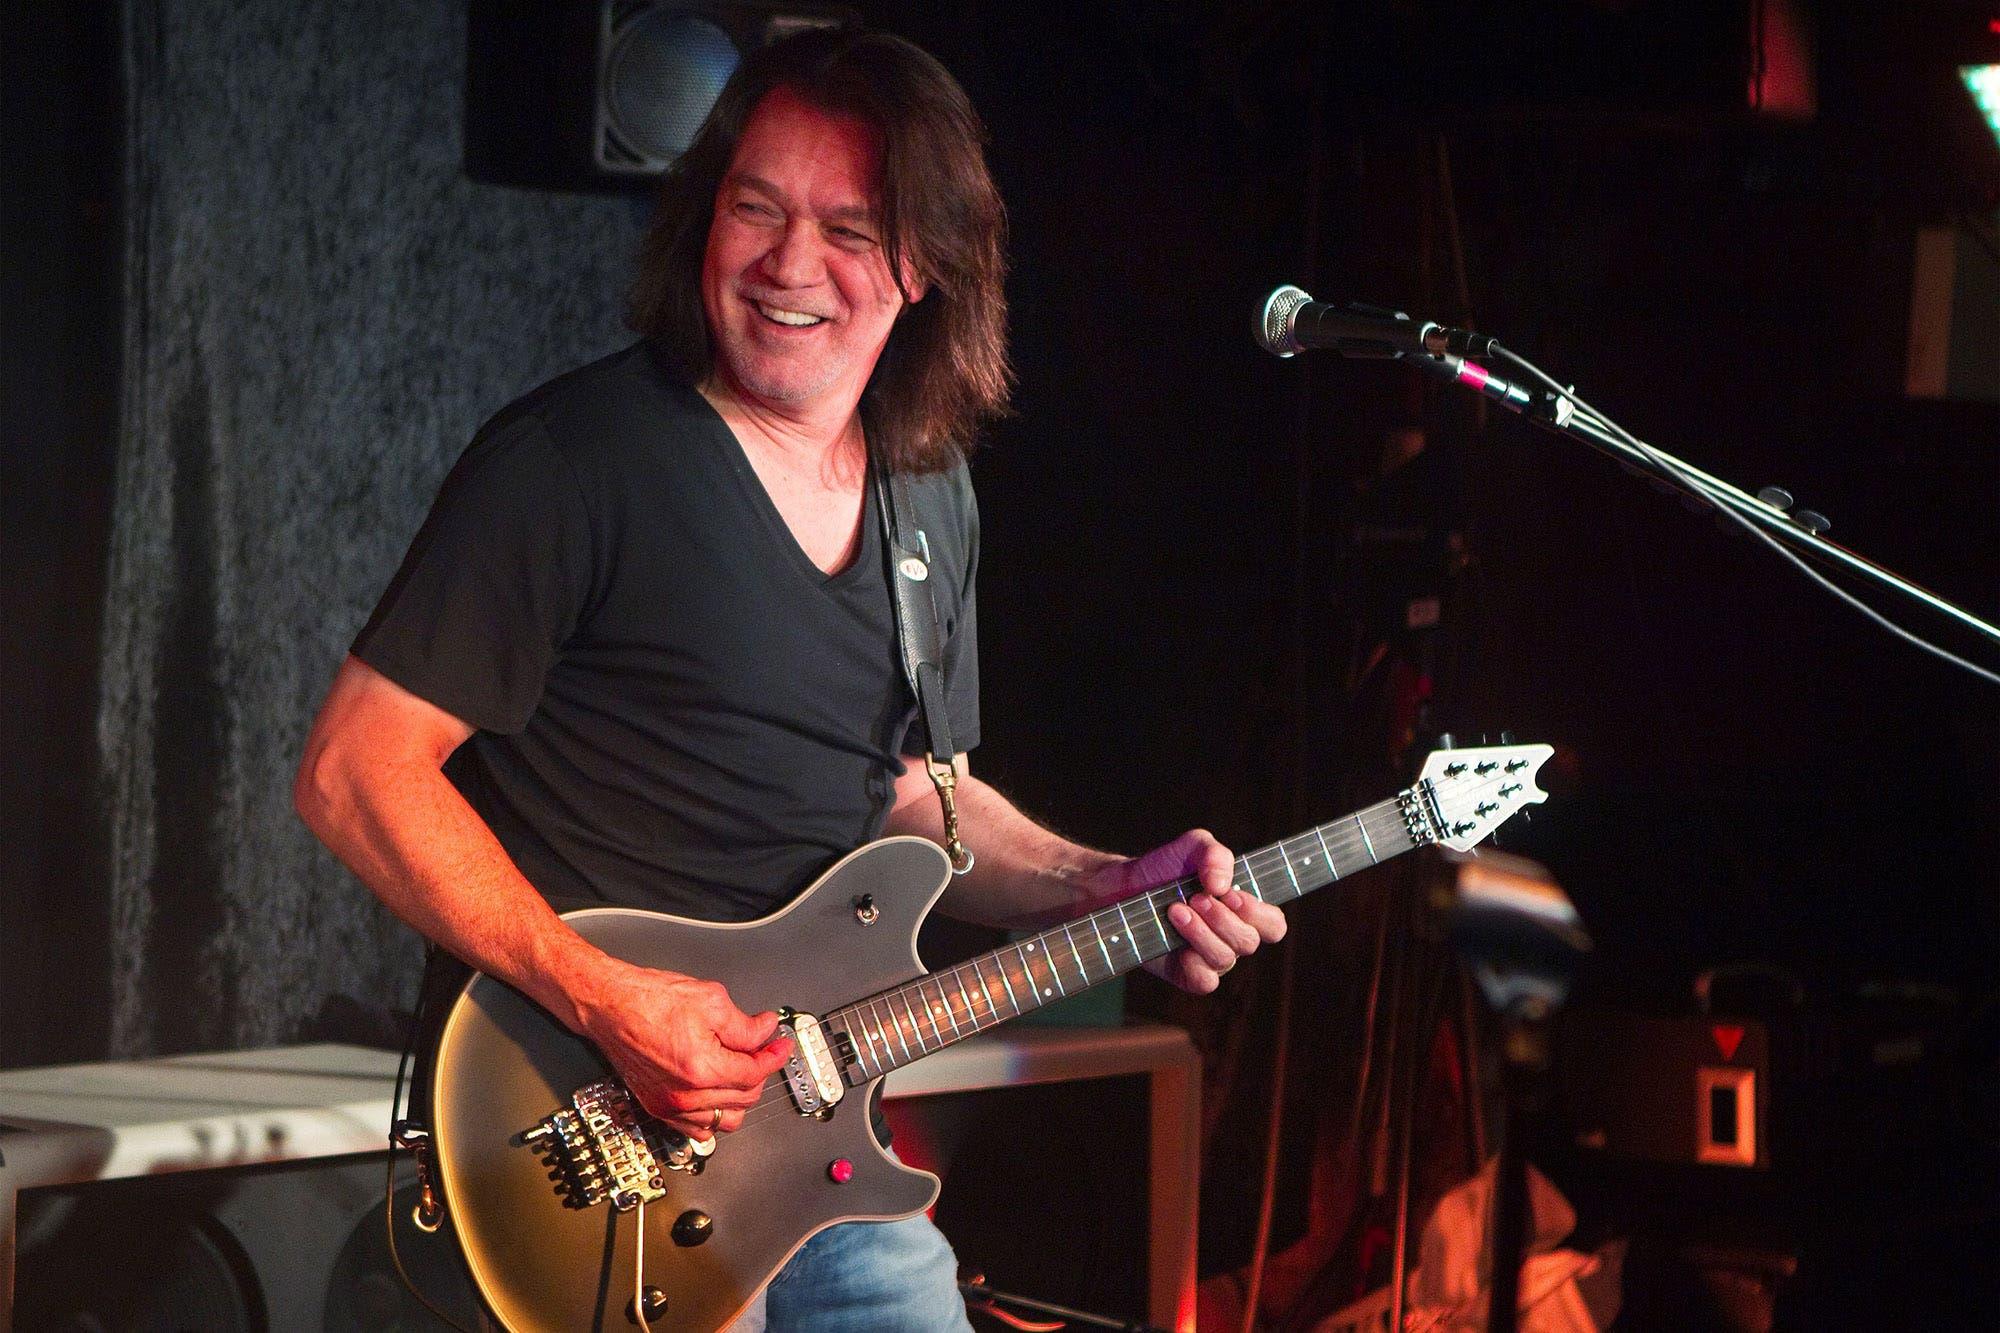 Murió Eddie Van Halen, luego de una larga lucha contra el cáncer